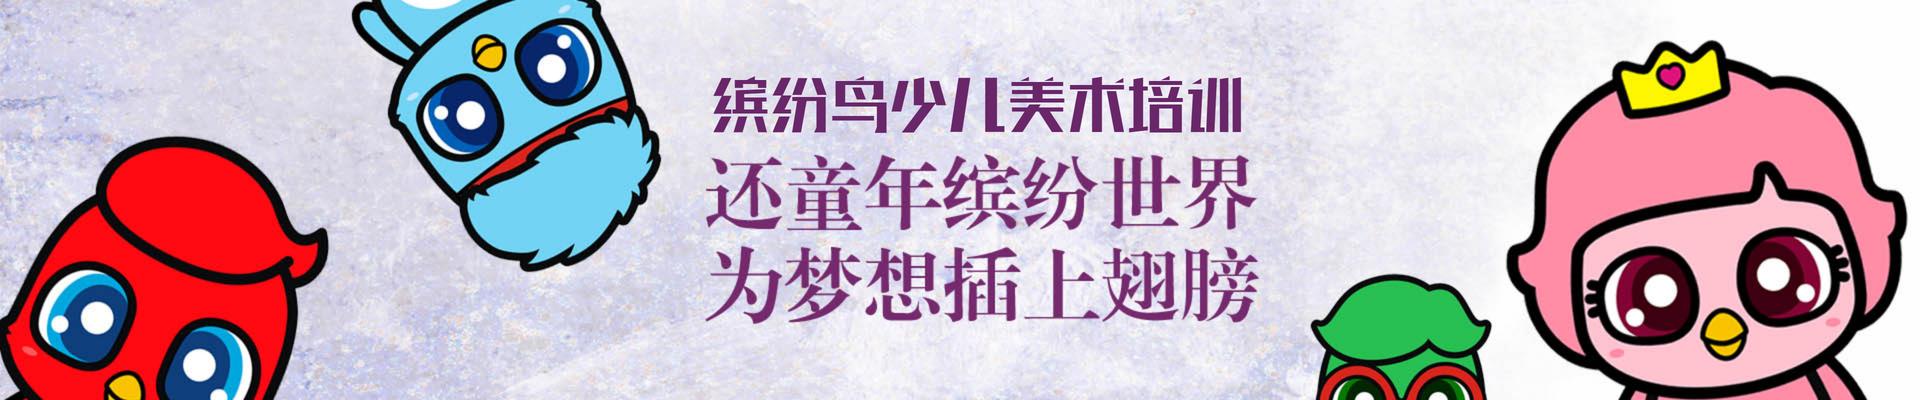 深圳龙华缤纷鸟美术教育培训